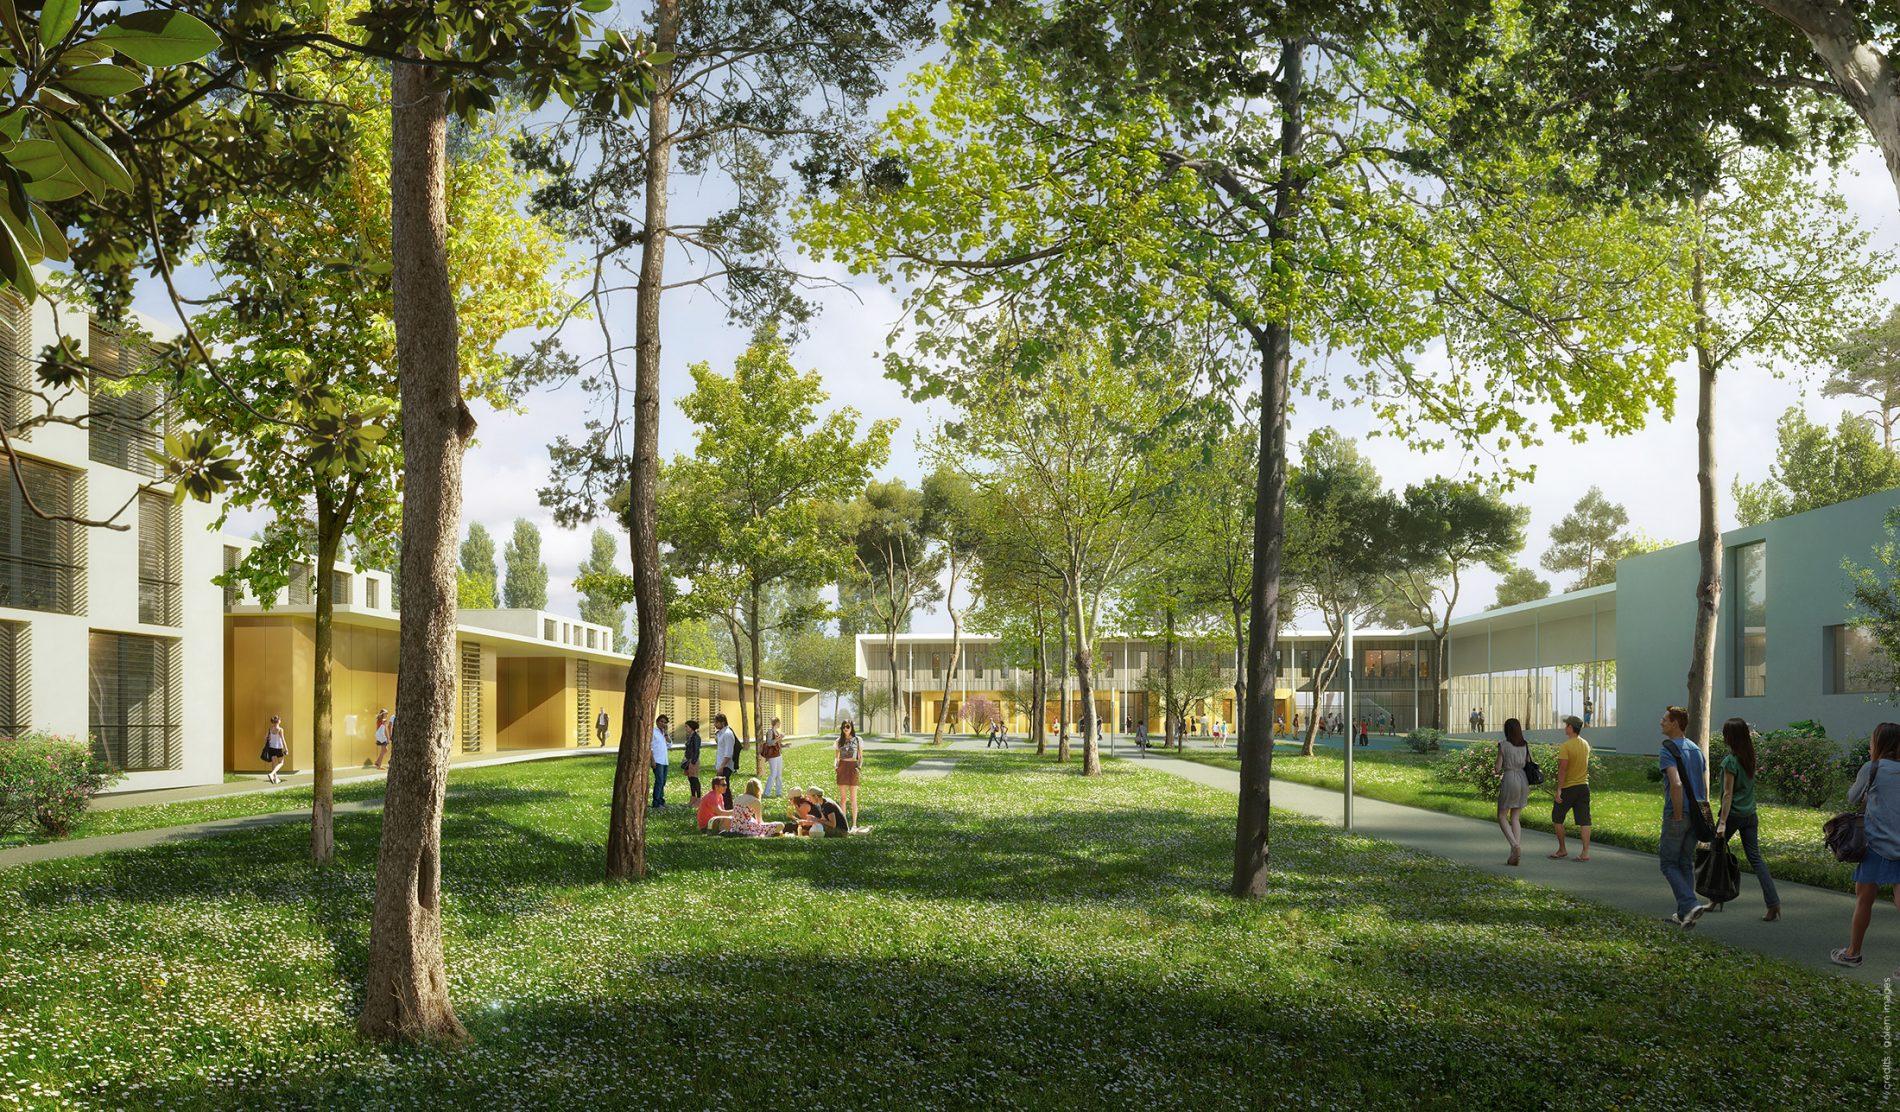 Image du concours d'architecture du Lycée de Castelnaudary, ilôt intérieur arboré